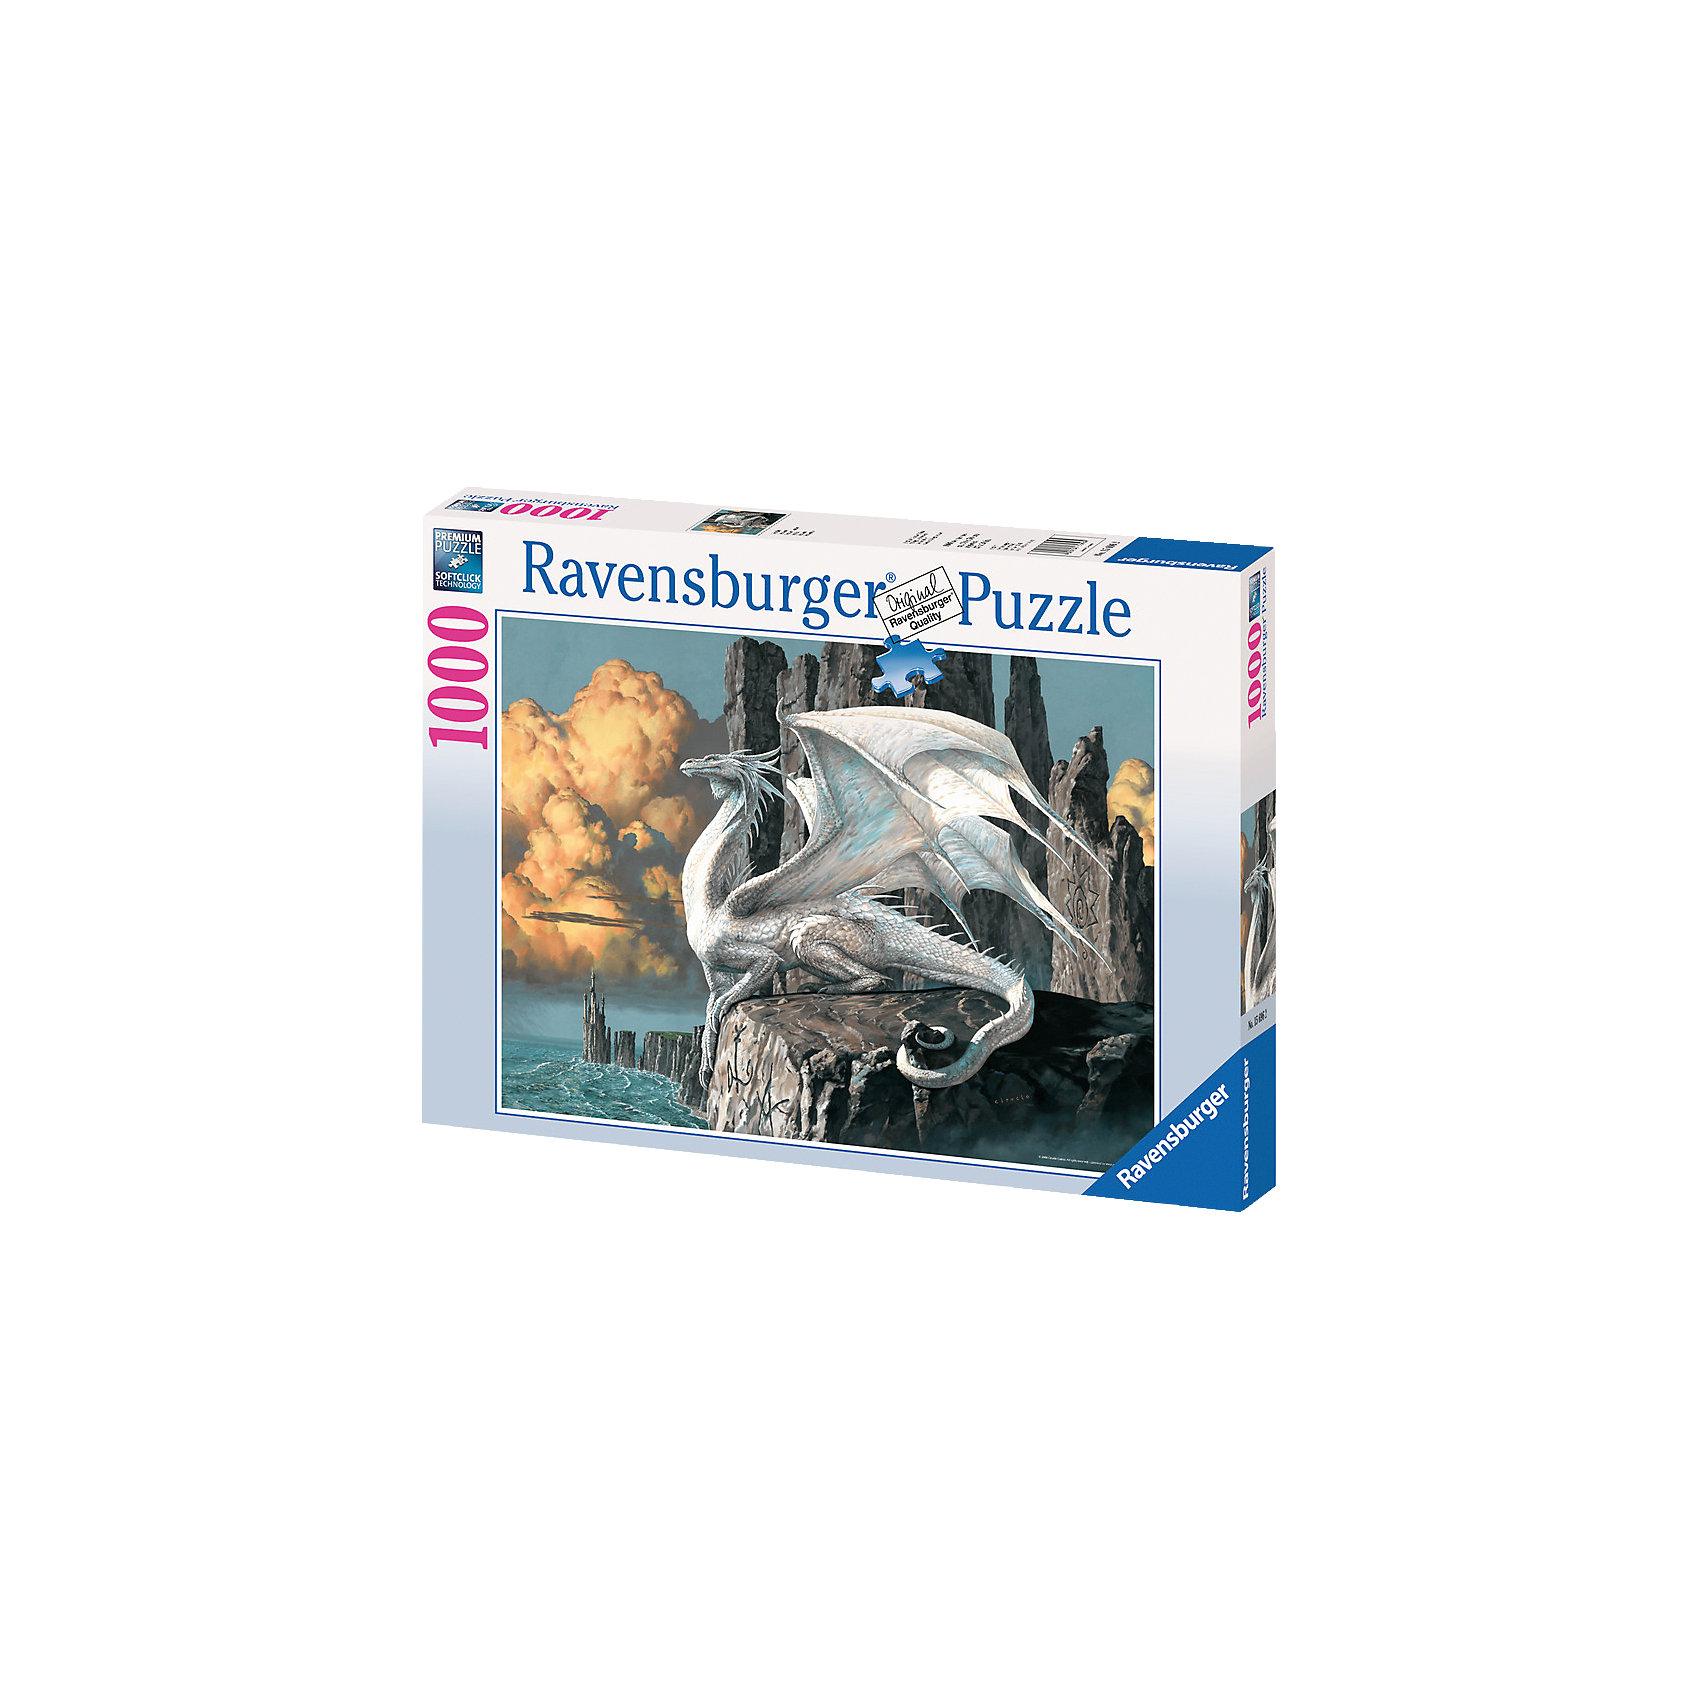 Подробнее о Ravensburger Пазл «Белый дракон», 1000 деталей, Ravensburger романова г свой дракон